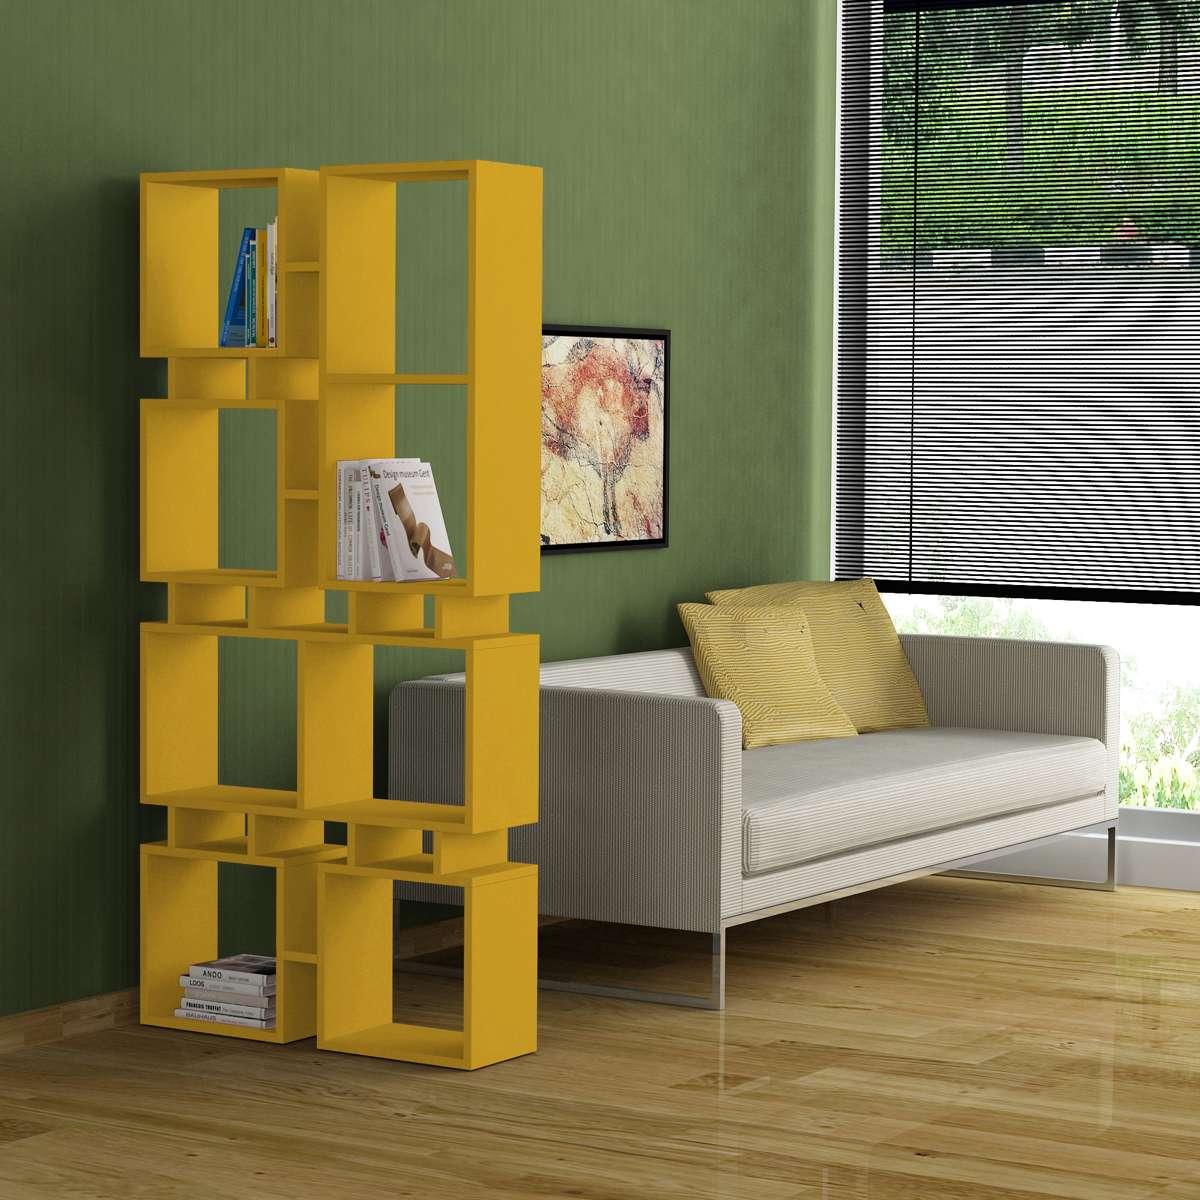 כוננית Rail Bookcase No1 צהוב מסדרת Decoline